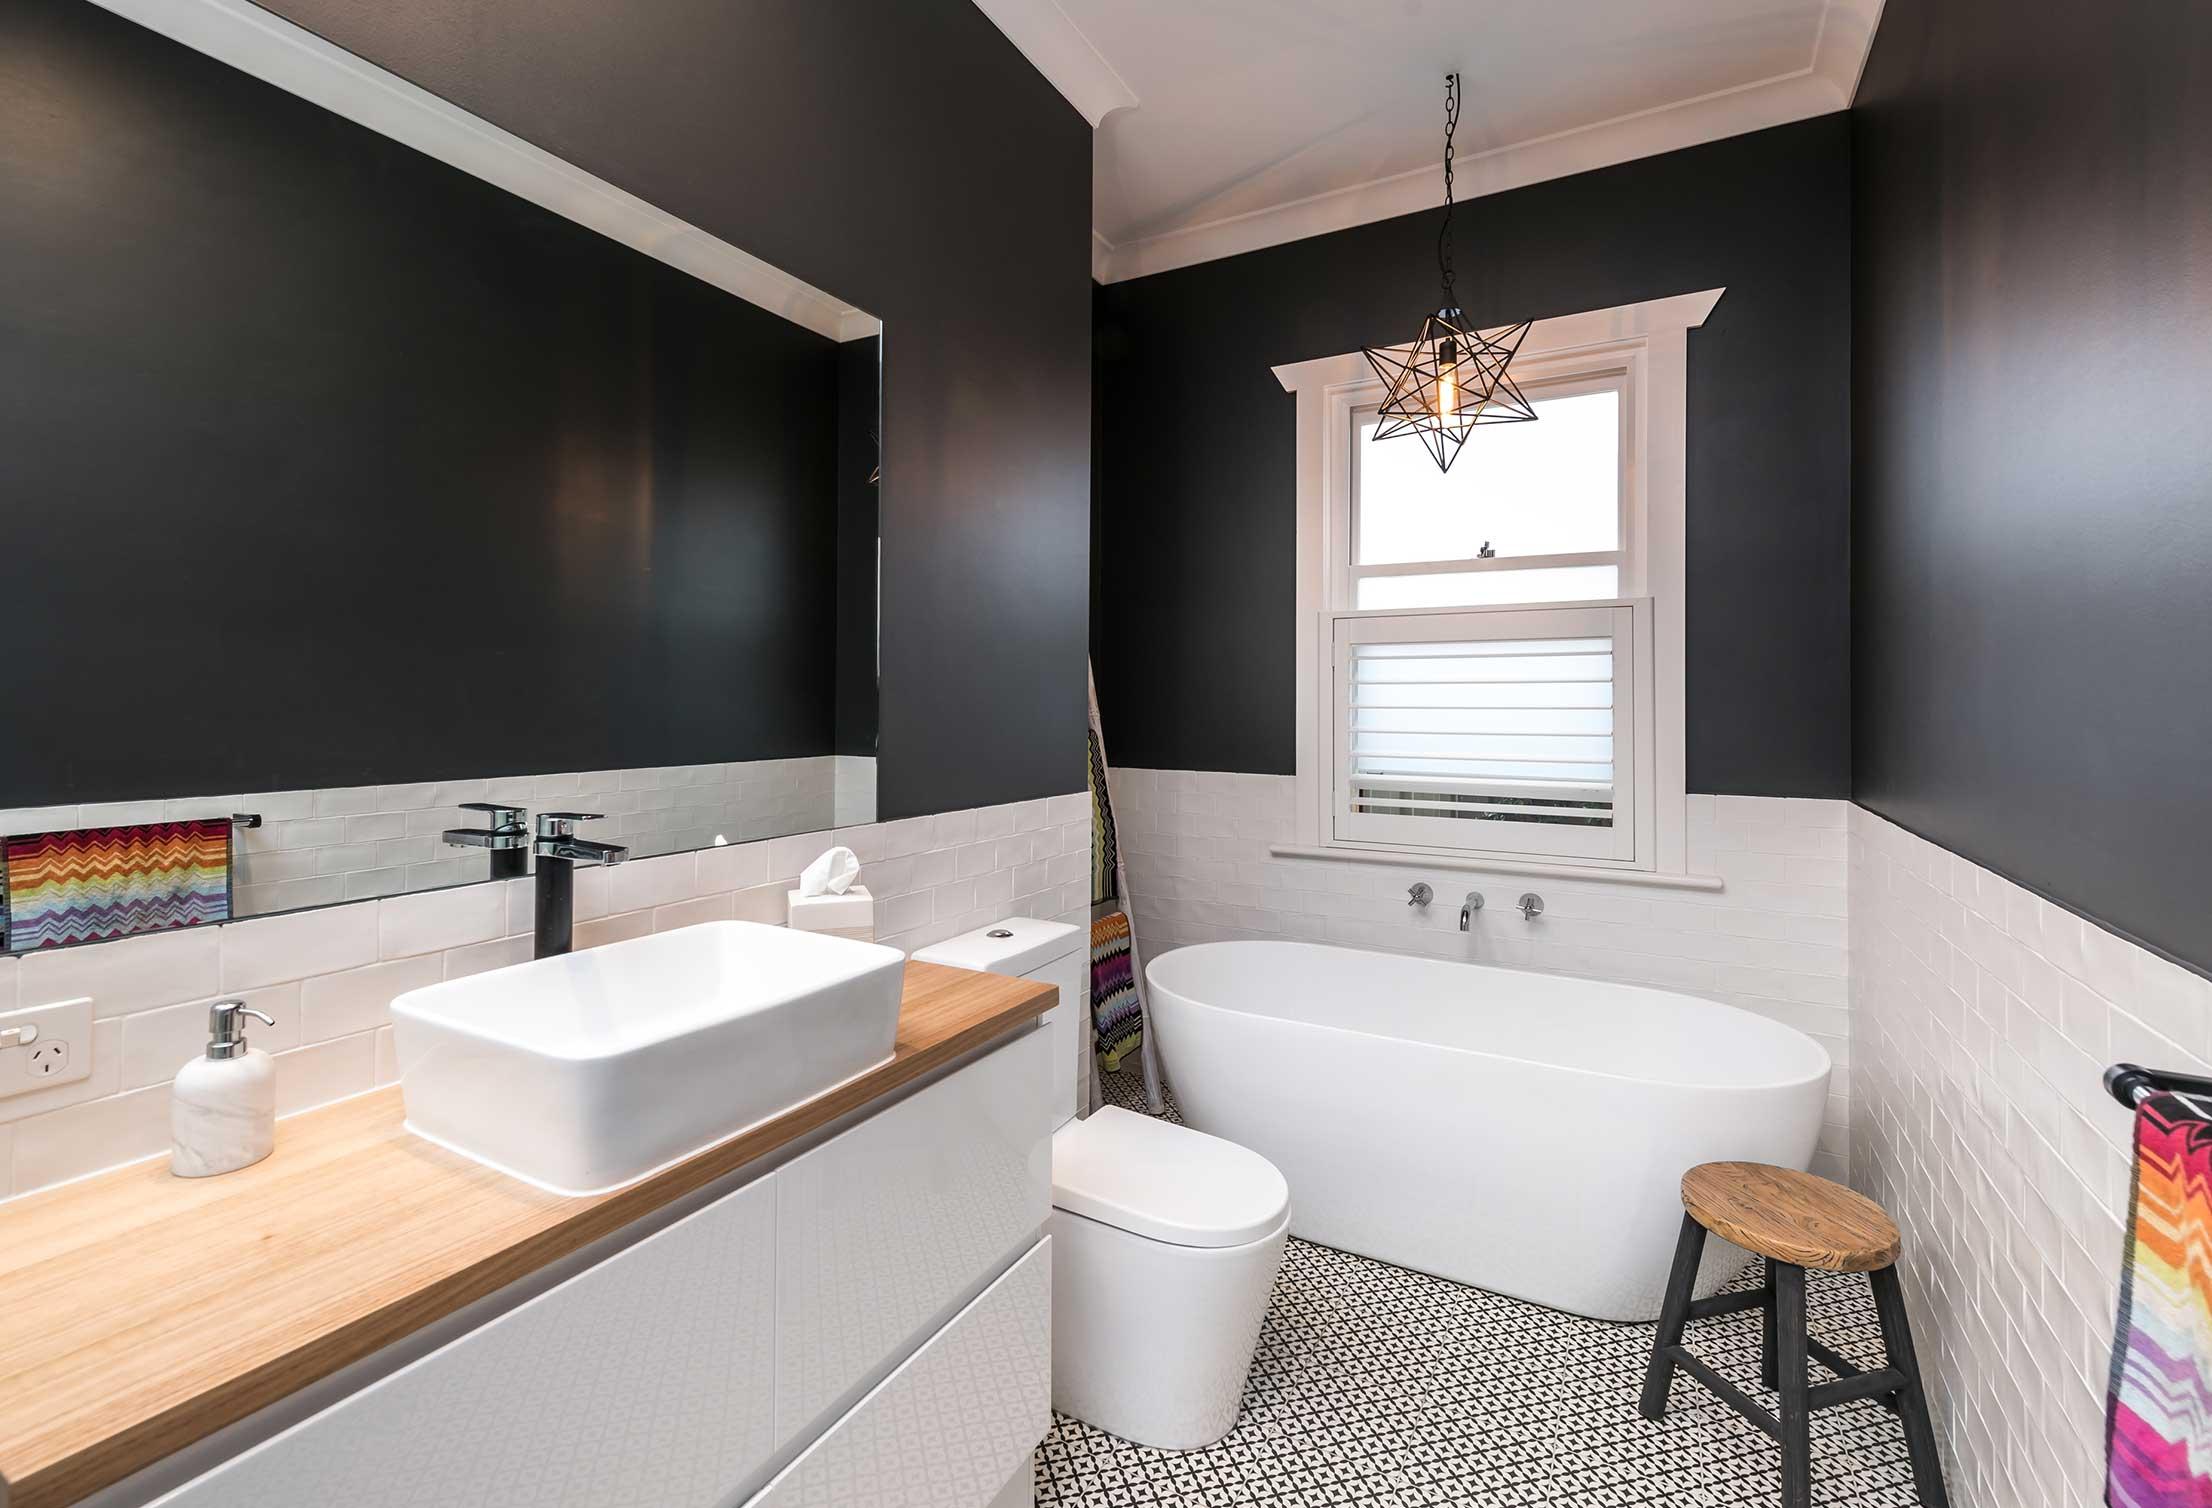 turnbull-built-bathroom-specialist-glenelg.jpg